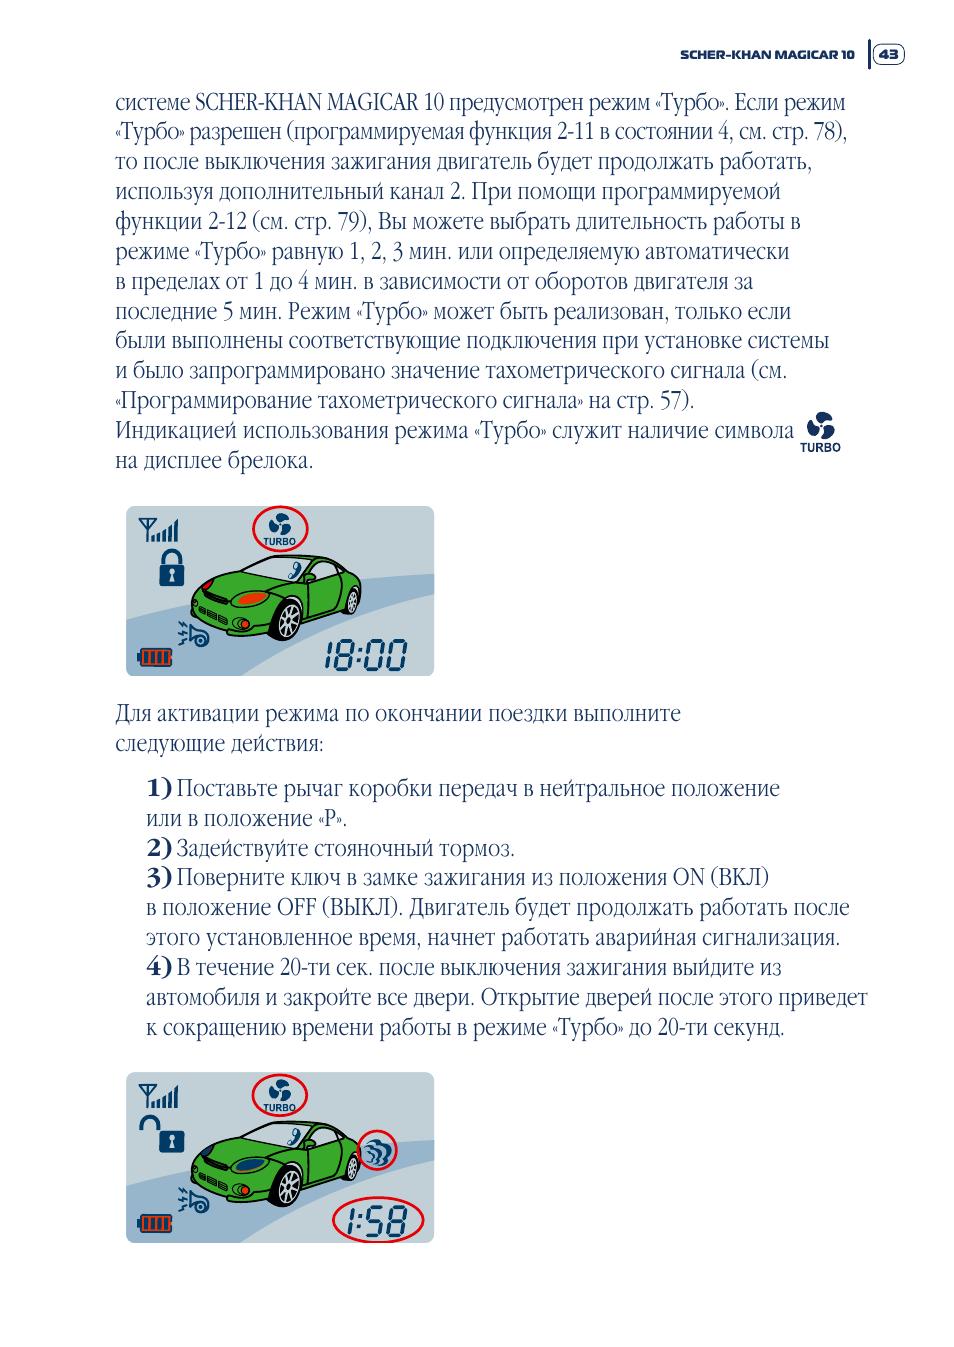 магикар 10 инструкция по эксплуатации